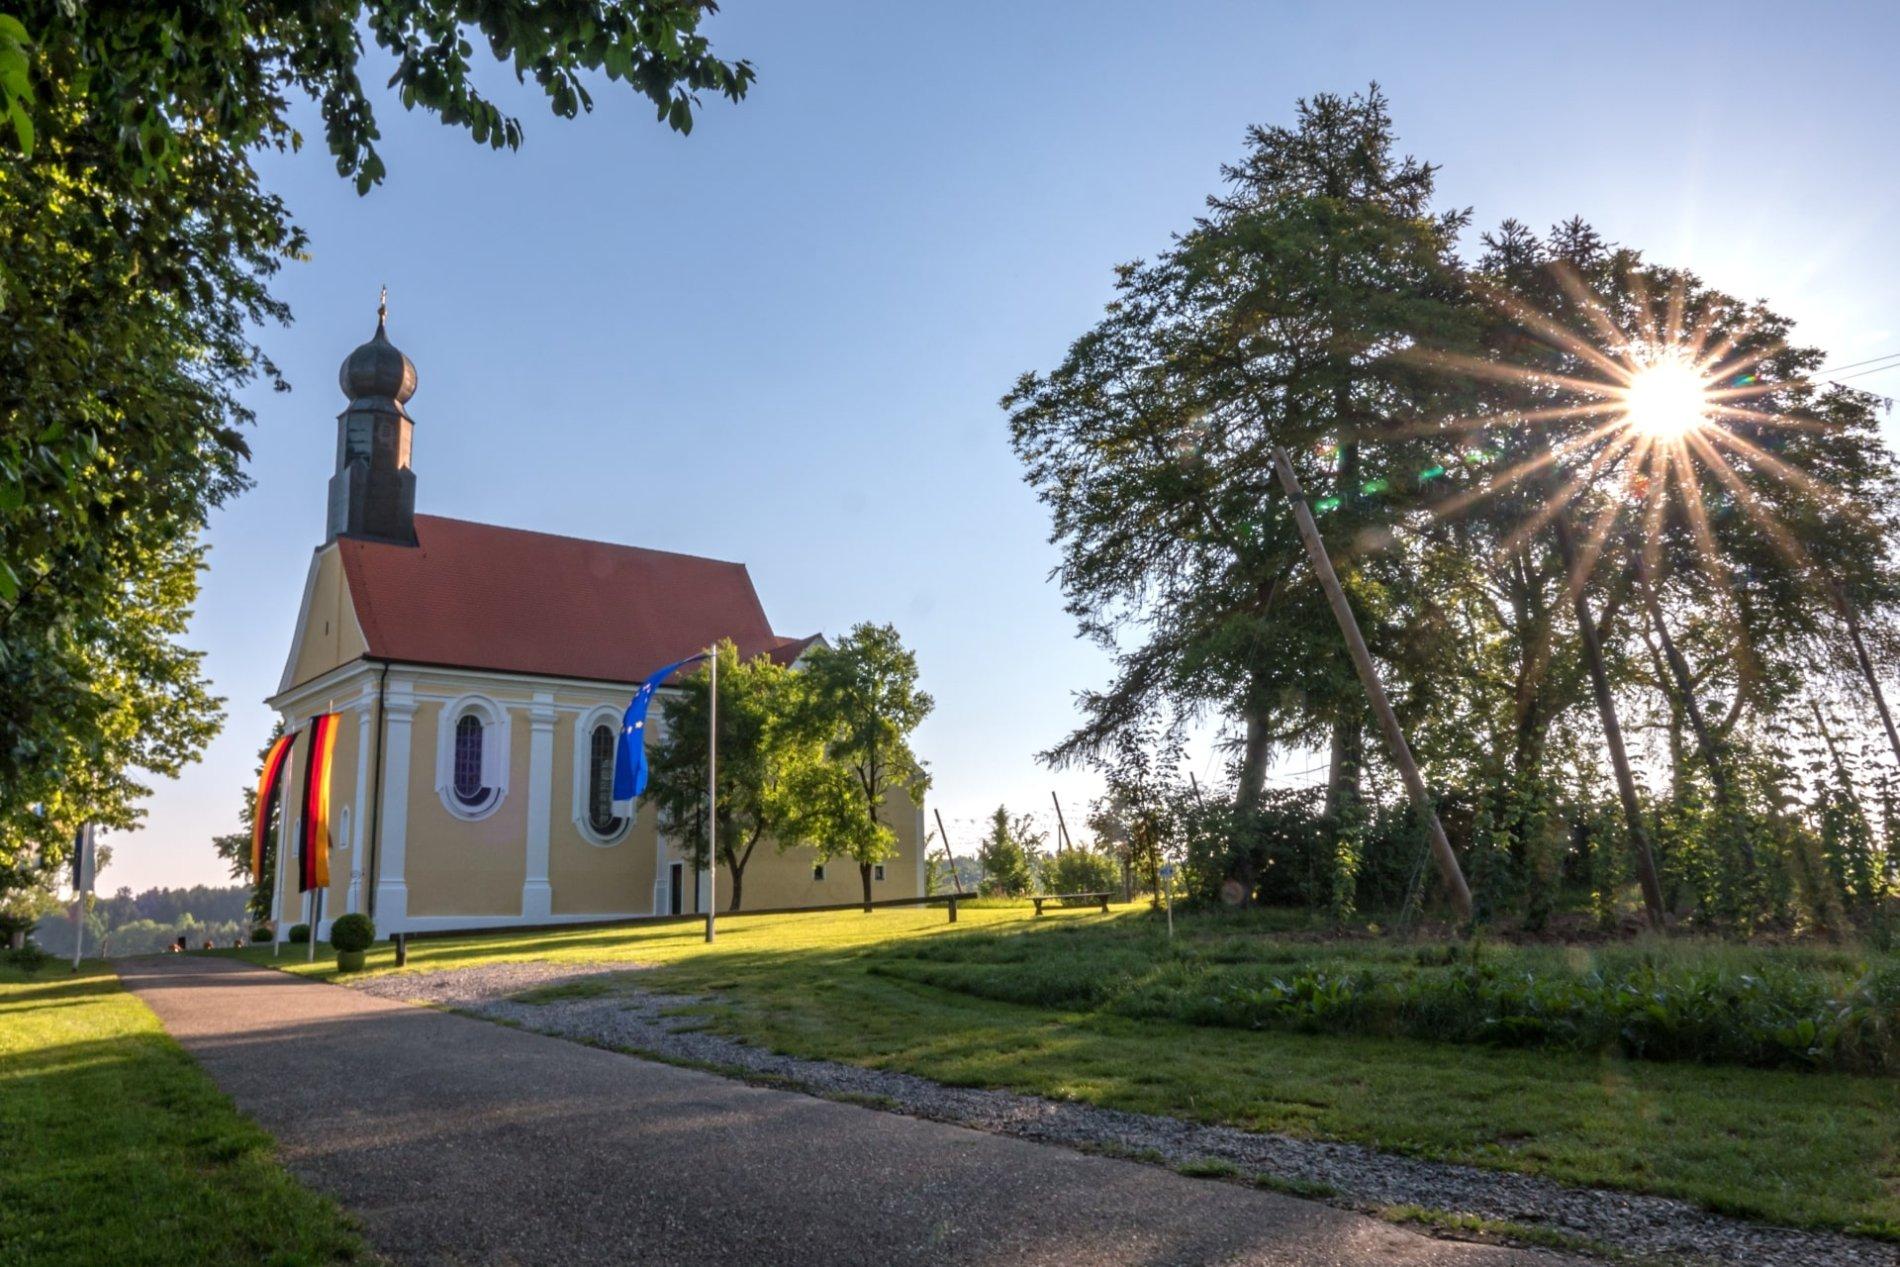 Wallfahrtskapelle St. Anton in Ratzenhofen